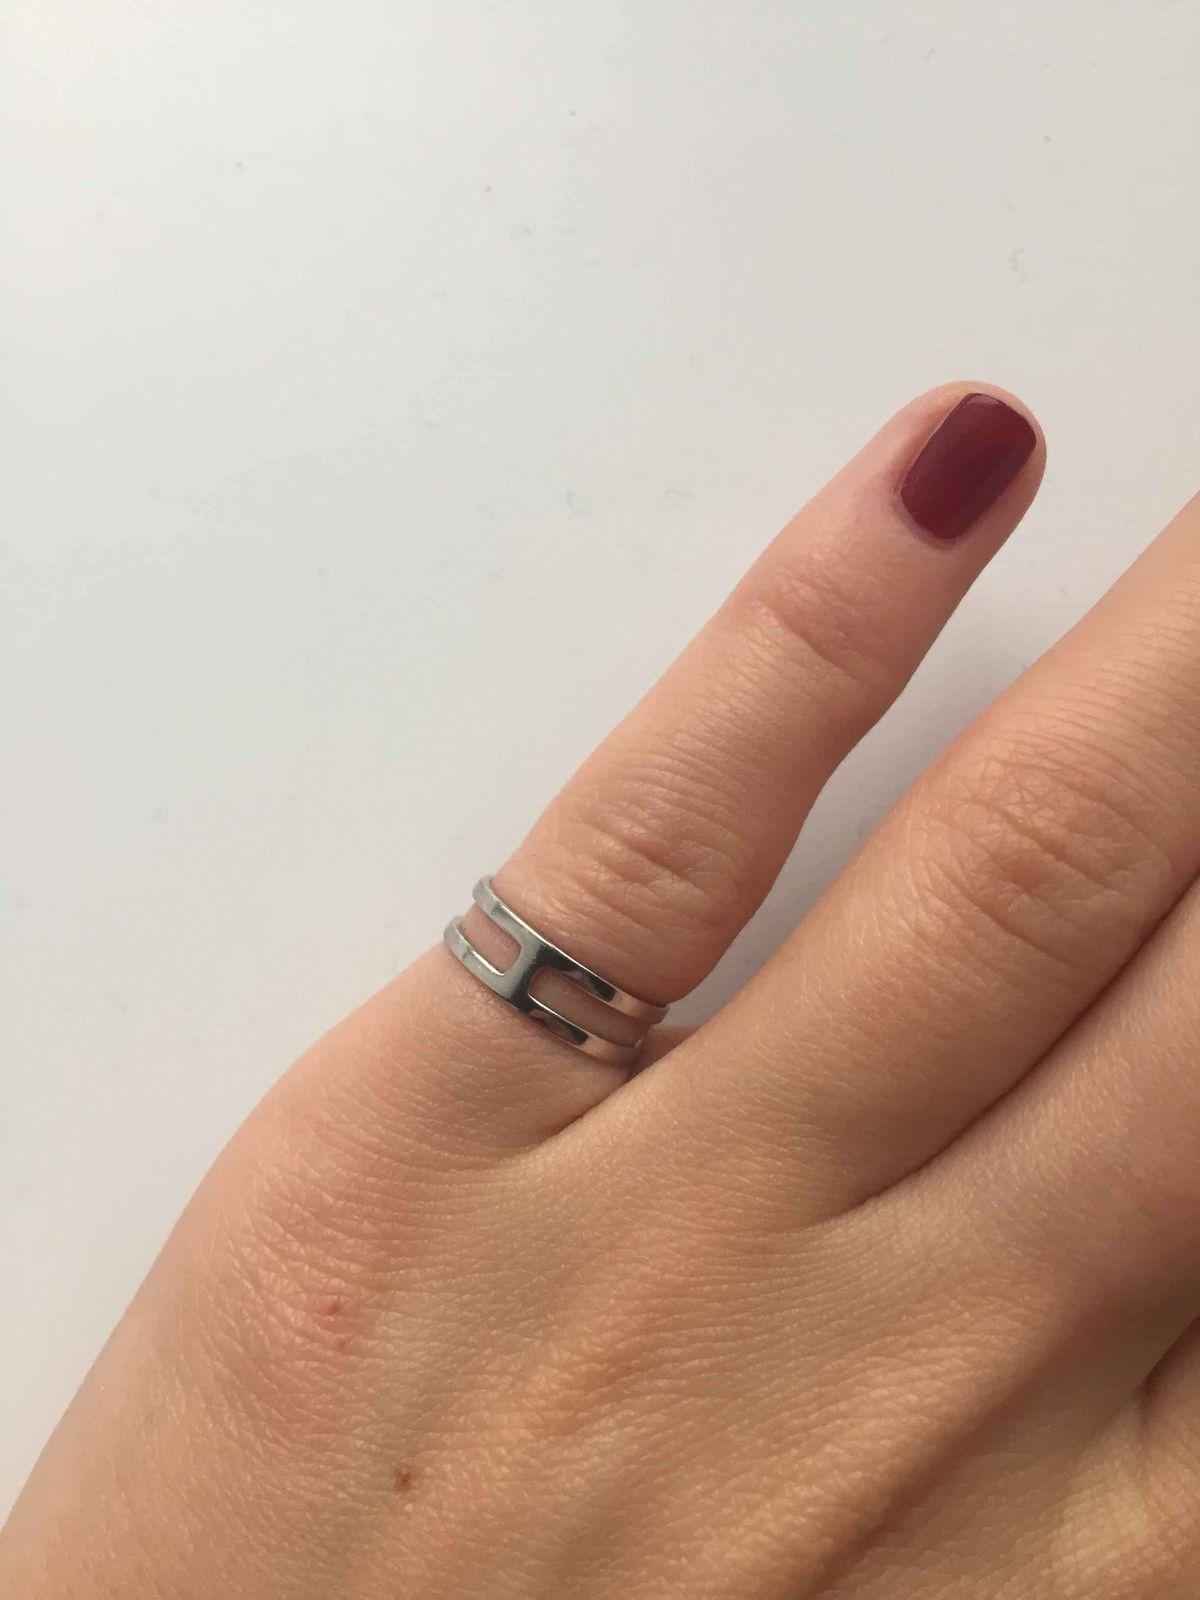 Отличное кольцо на мизинец и фалангу!